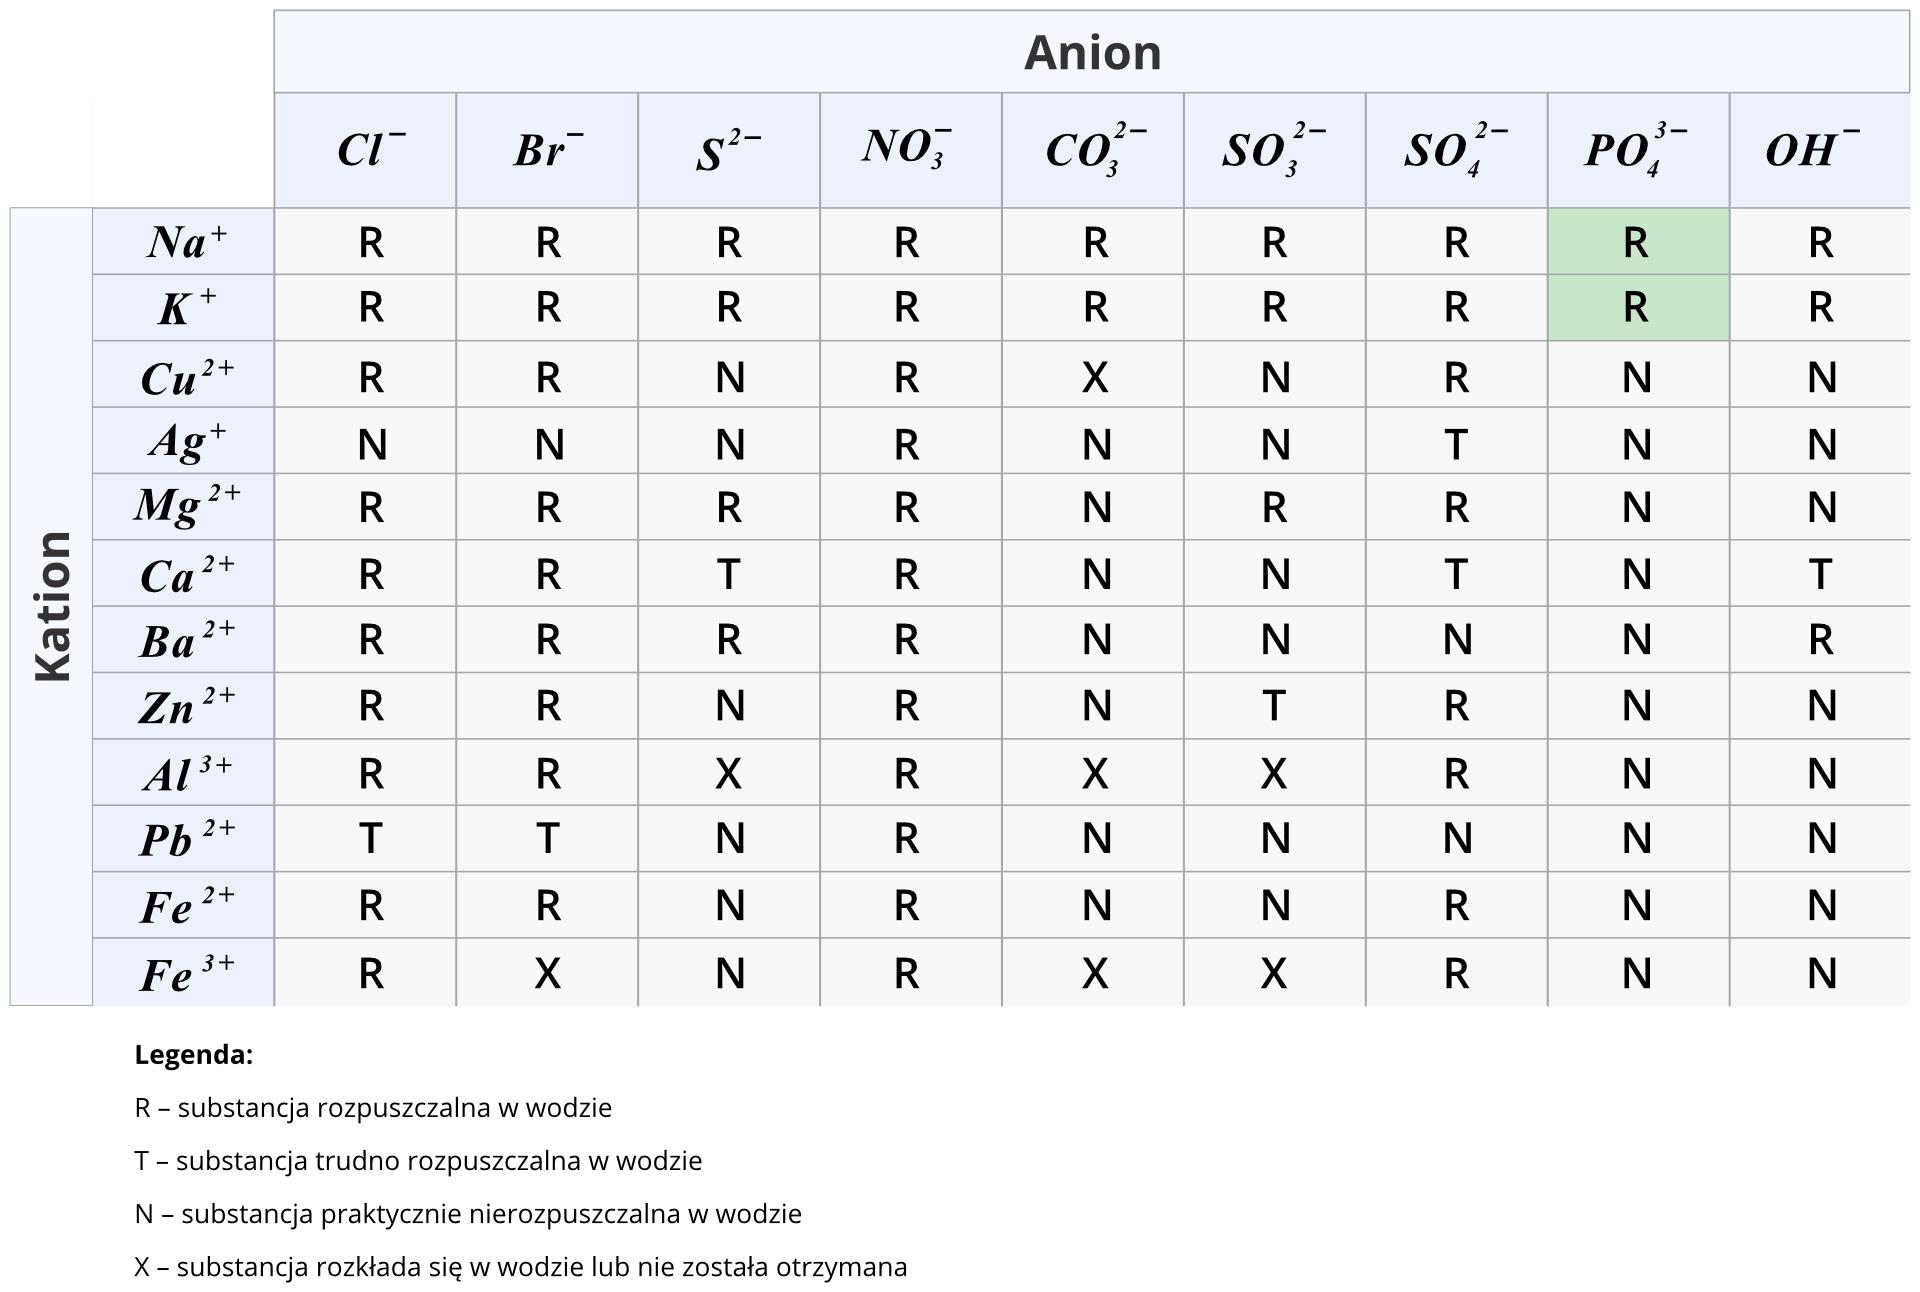 Ilustracja zawiera tabelę przedstawiającą rozpuszczalność soli iwodorotlenków wwodzie. Kolejne wiersze tabeli zawierają popularne kationy jedenastu metali, przy czym jeden znich, żelazo, występuje wdwóch wersjach różniących się wartościowością, czyli ładunkiem jonowym. Zkolei wkolumnach znajdują się aniony reszt kwasowych: chlorkowy, bromowy, siarkowy, azotowy pięć, węglowy, siarkowy cztery, siarkowy sześć ifosforowy pięć oraz reszta wodorotlenkowa. Wtabeli rozpuszczalność konkretnych soli opisano kodem literowym. Litera Roznacza, że substancja jest dobrze rozpuszczalna wwodzie, litera Toznacza, że substancja jest trudno rozpuszczalna wwodzie, alitera Noznacza, że substancja jest nierozpuszczalna wwodzie. Ostatnia kategoria to litera Xoznaczająca, że substancja rozkłada się wwodzie lub nie została otrzymana. Wtabeli kolorem zielonym wyróżnione są komórki opisujące fosforany pięć sodu ipotasu. Litera Rwobydwu komórkach informuje nas, że są to sole rozpuszczalne wwodzie.